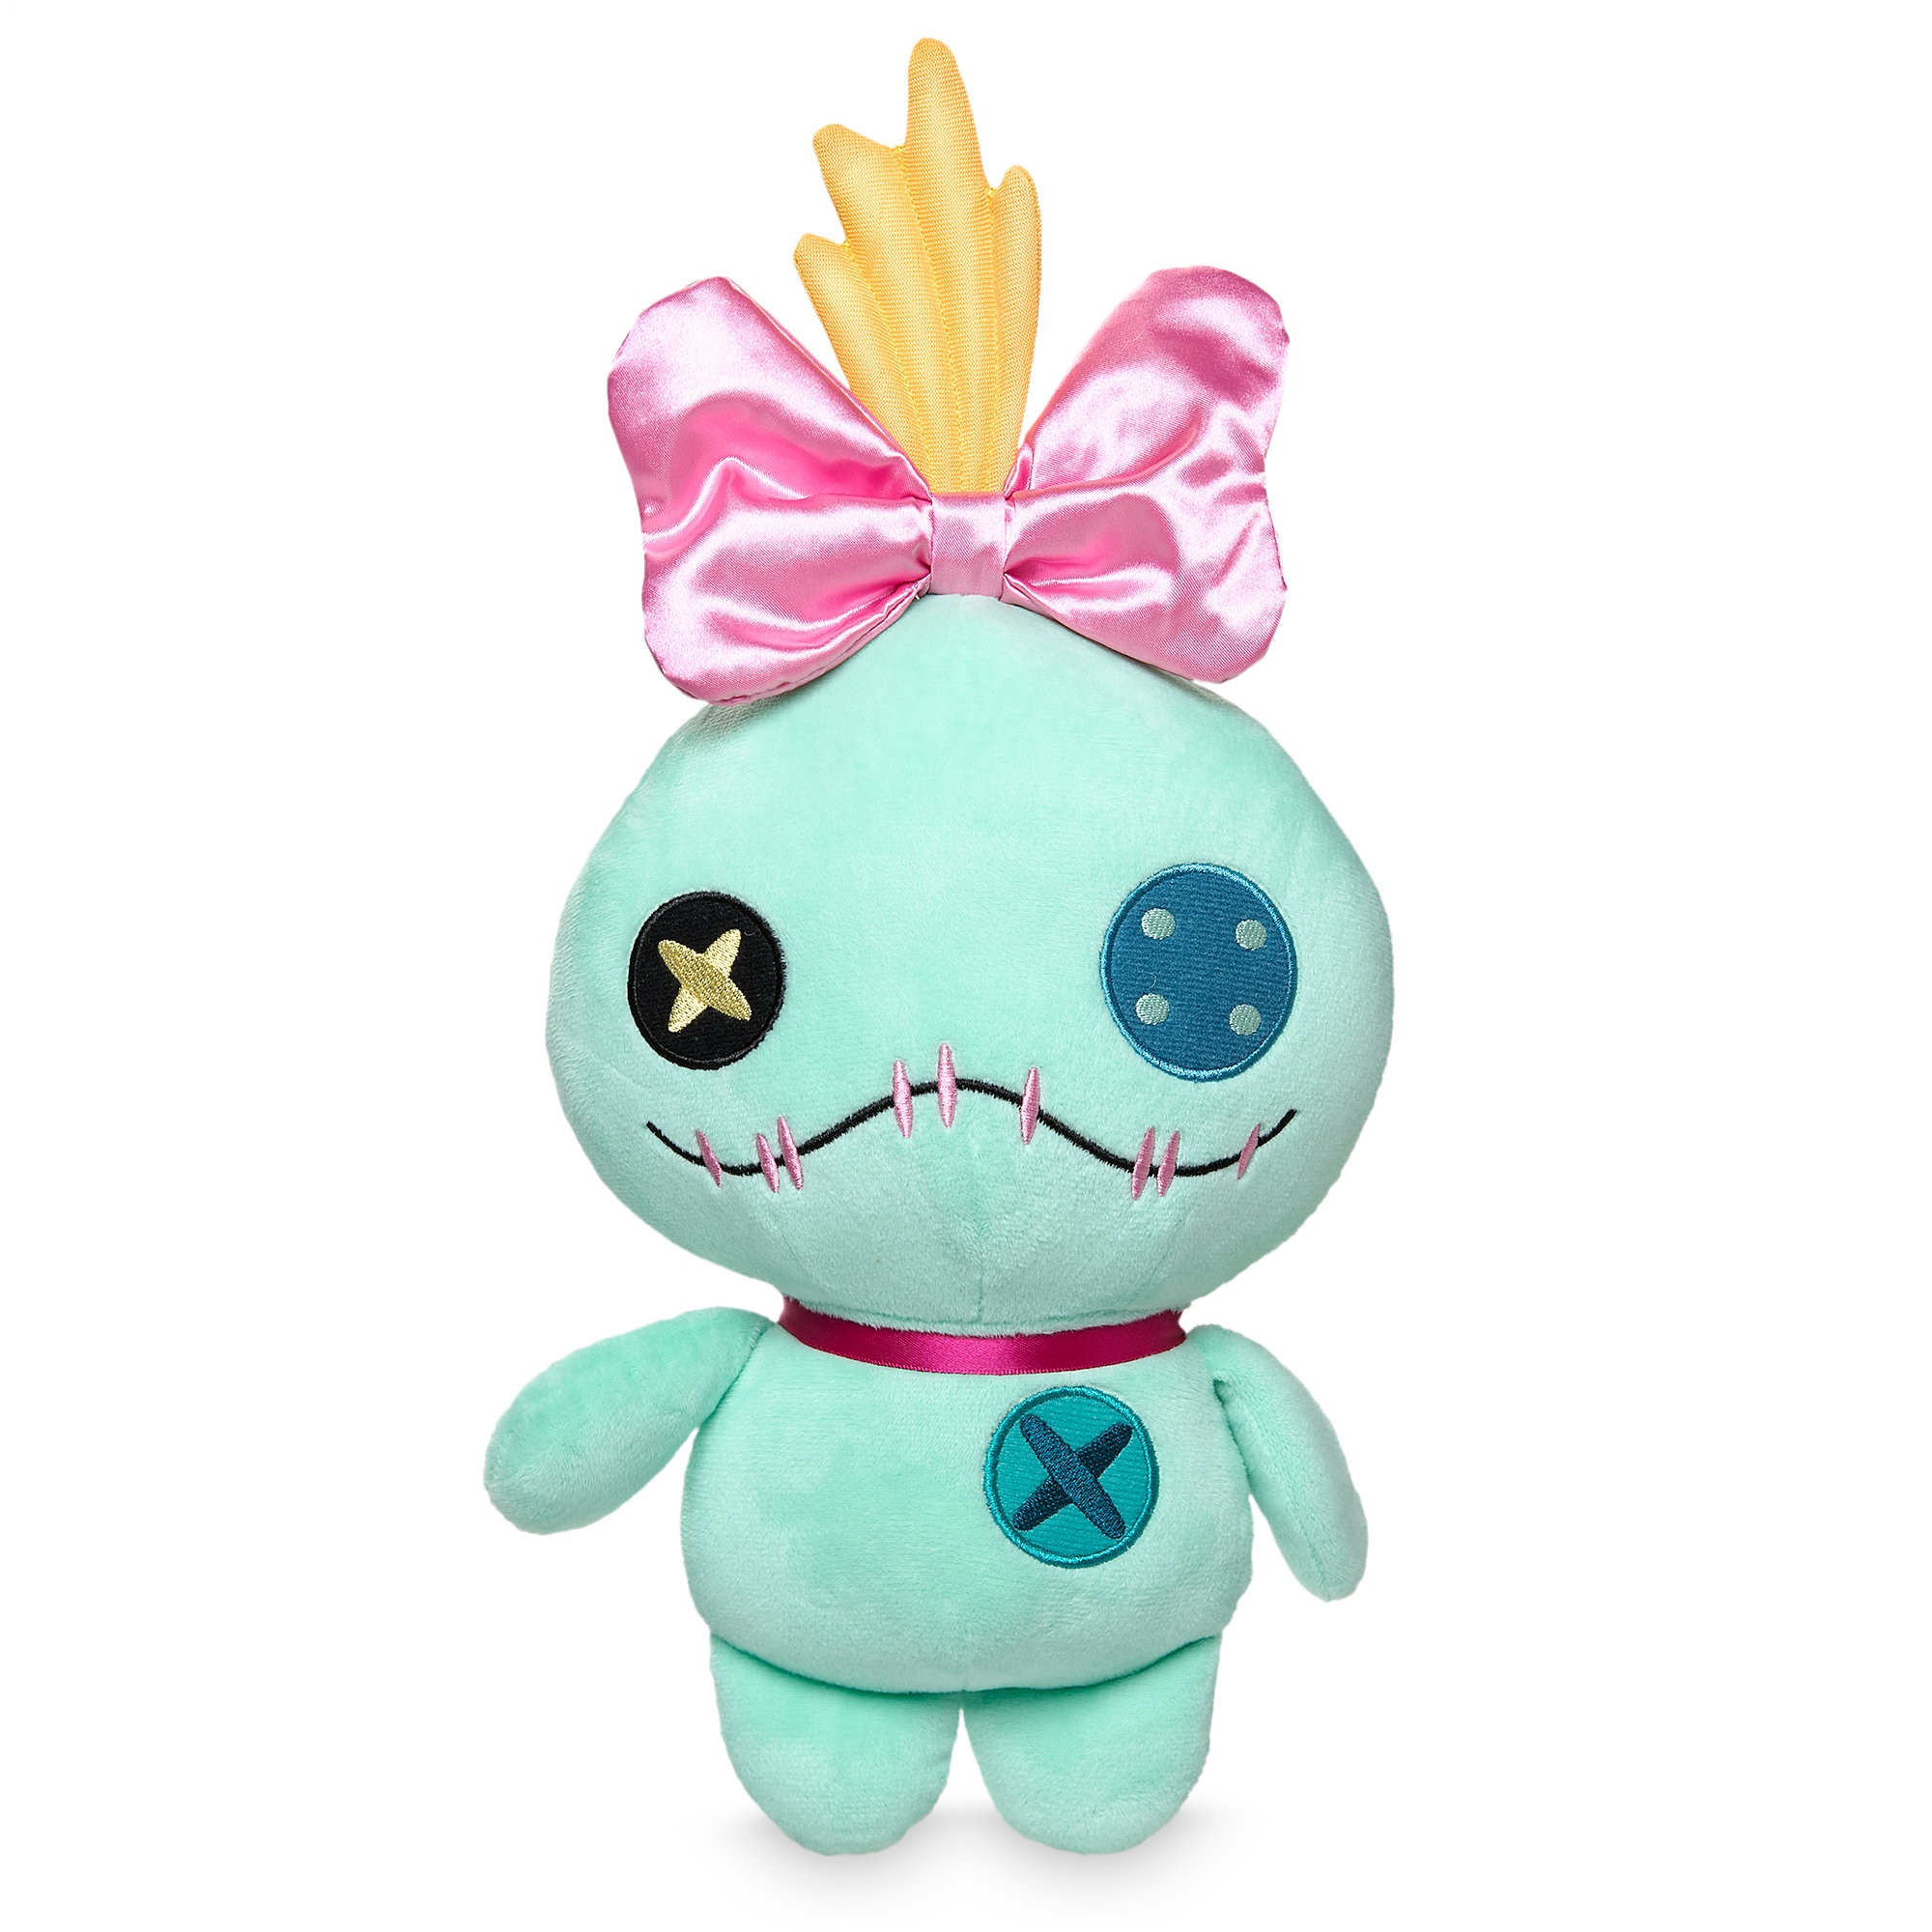 Scrump Plush - Lilo & Stitch - Small   shopDisney